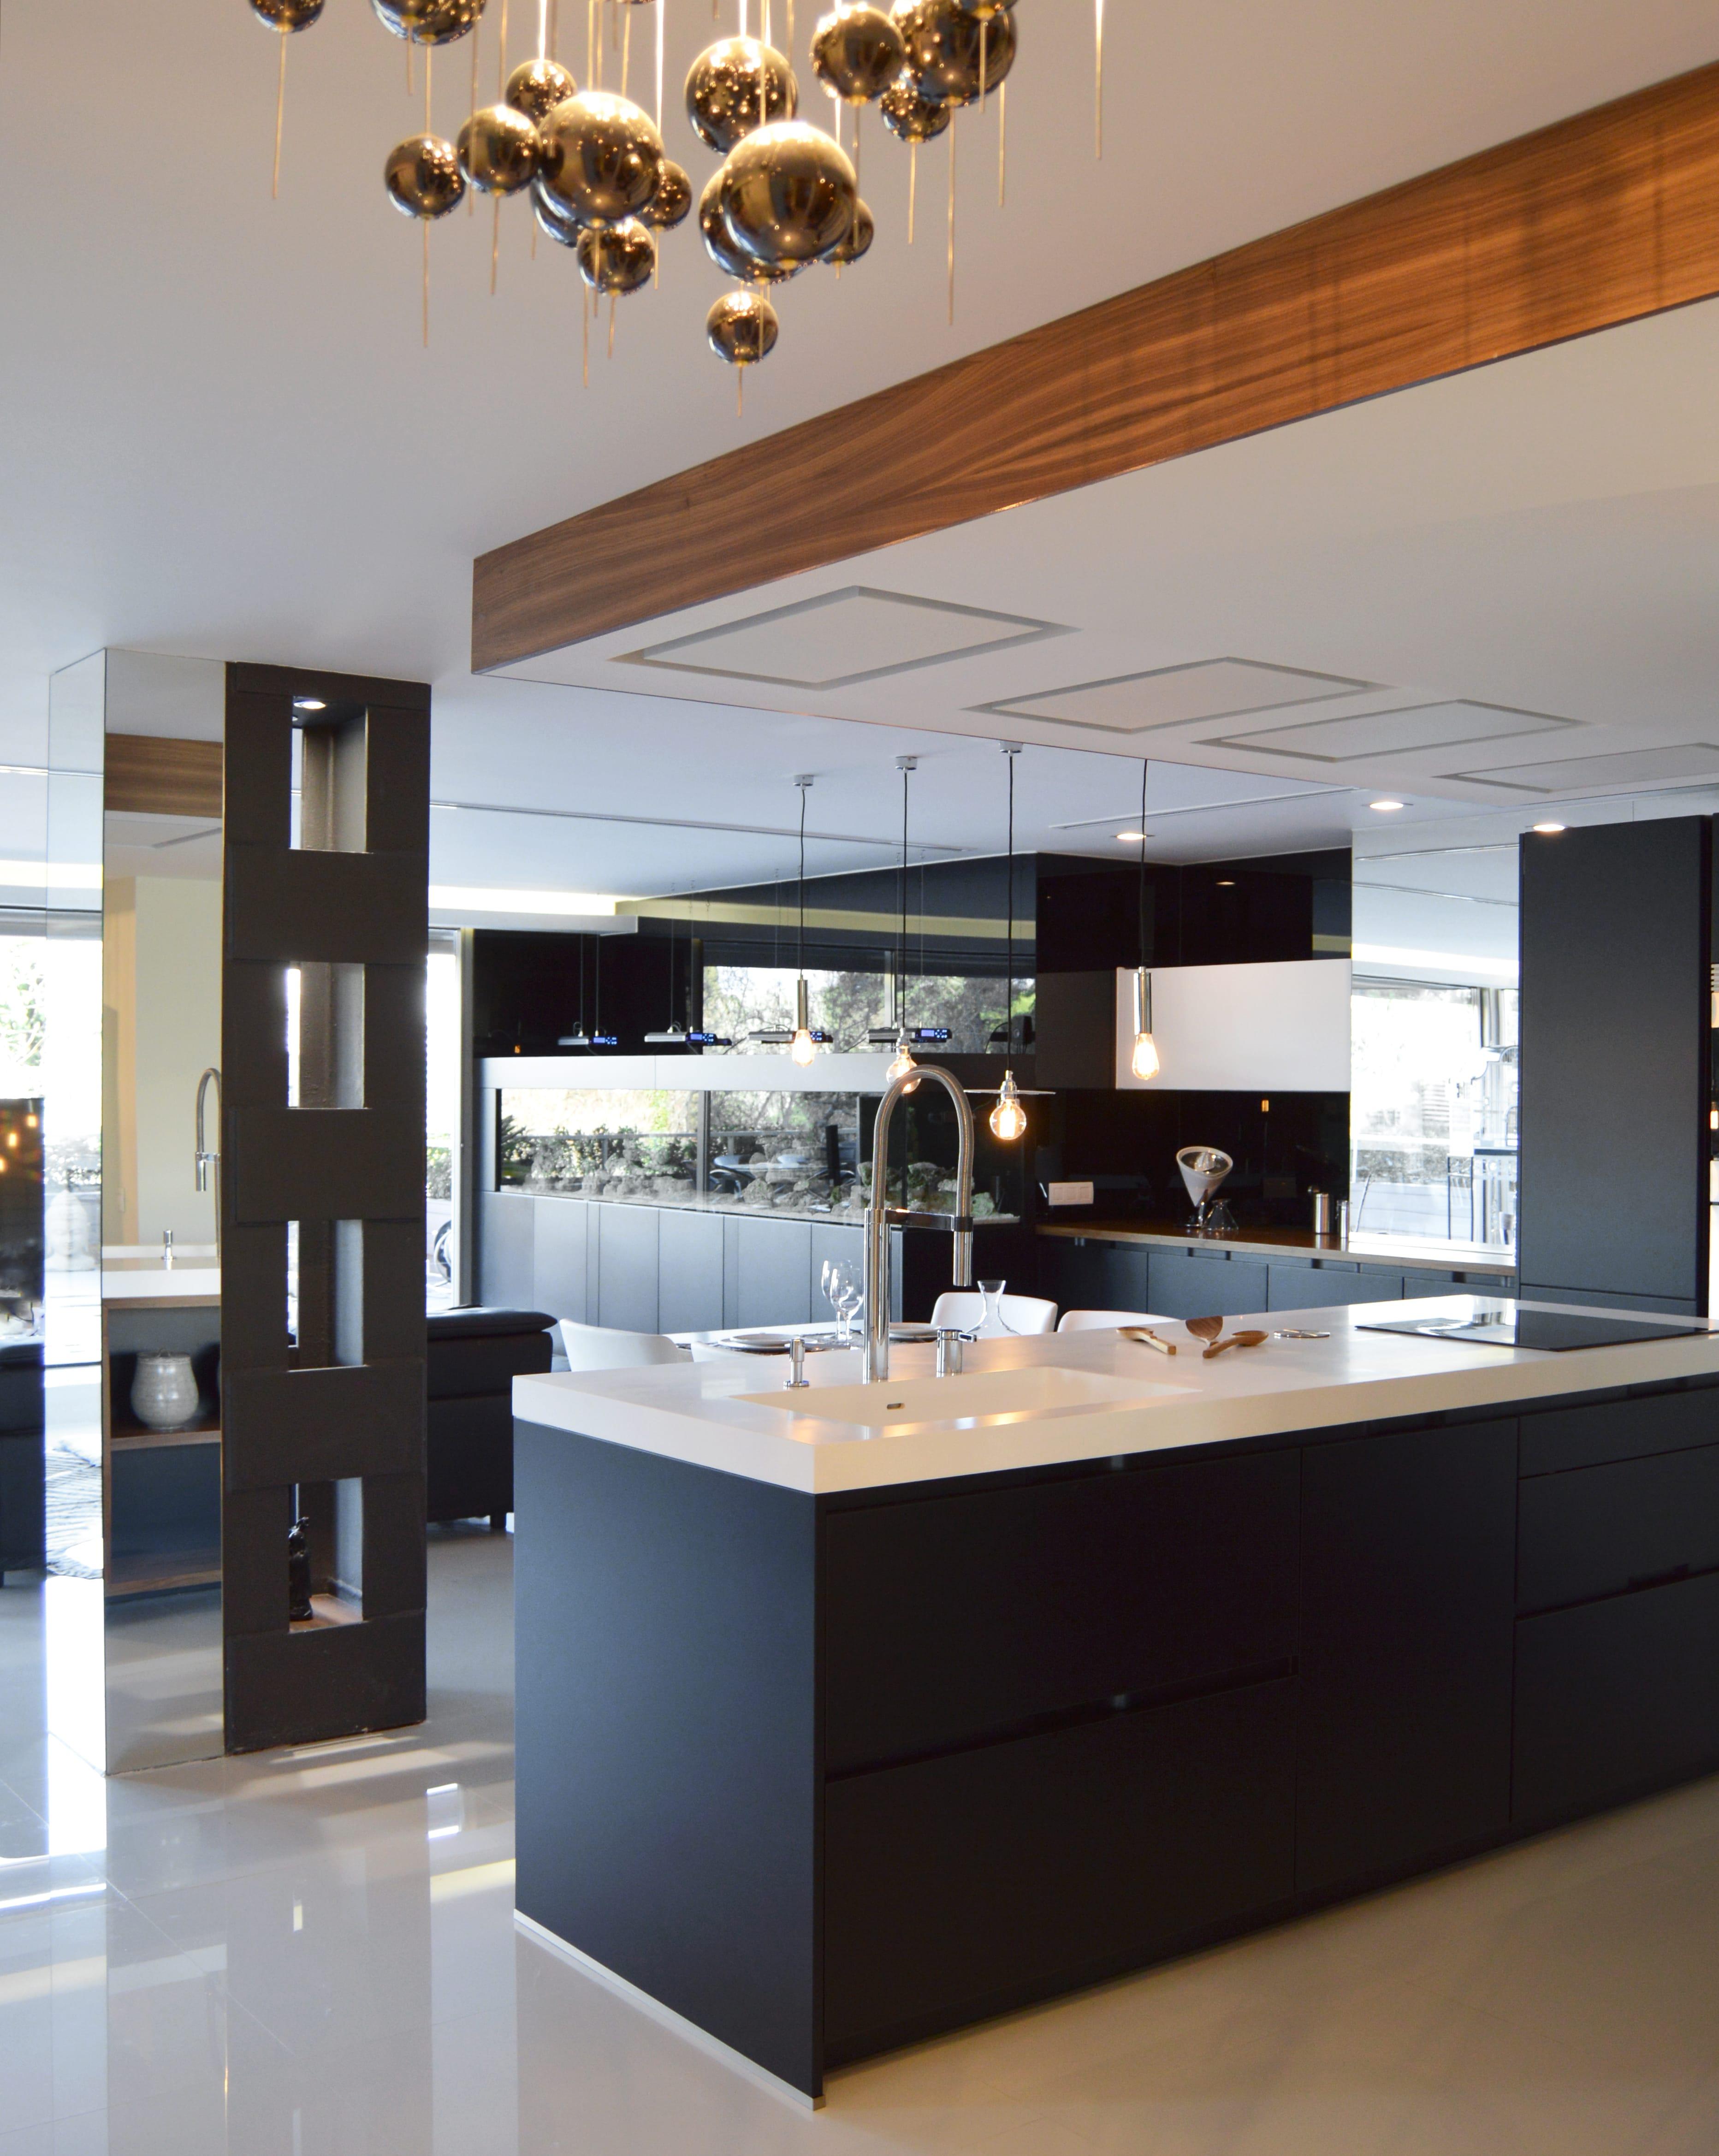 Cocina en negro mate y toques de madera docrys cocinas for Cocina de madera antracita